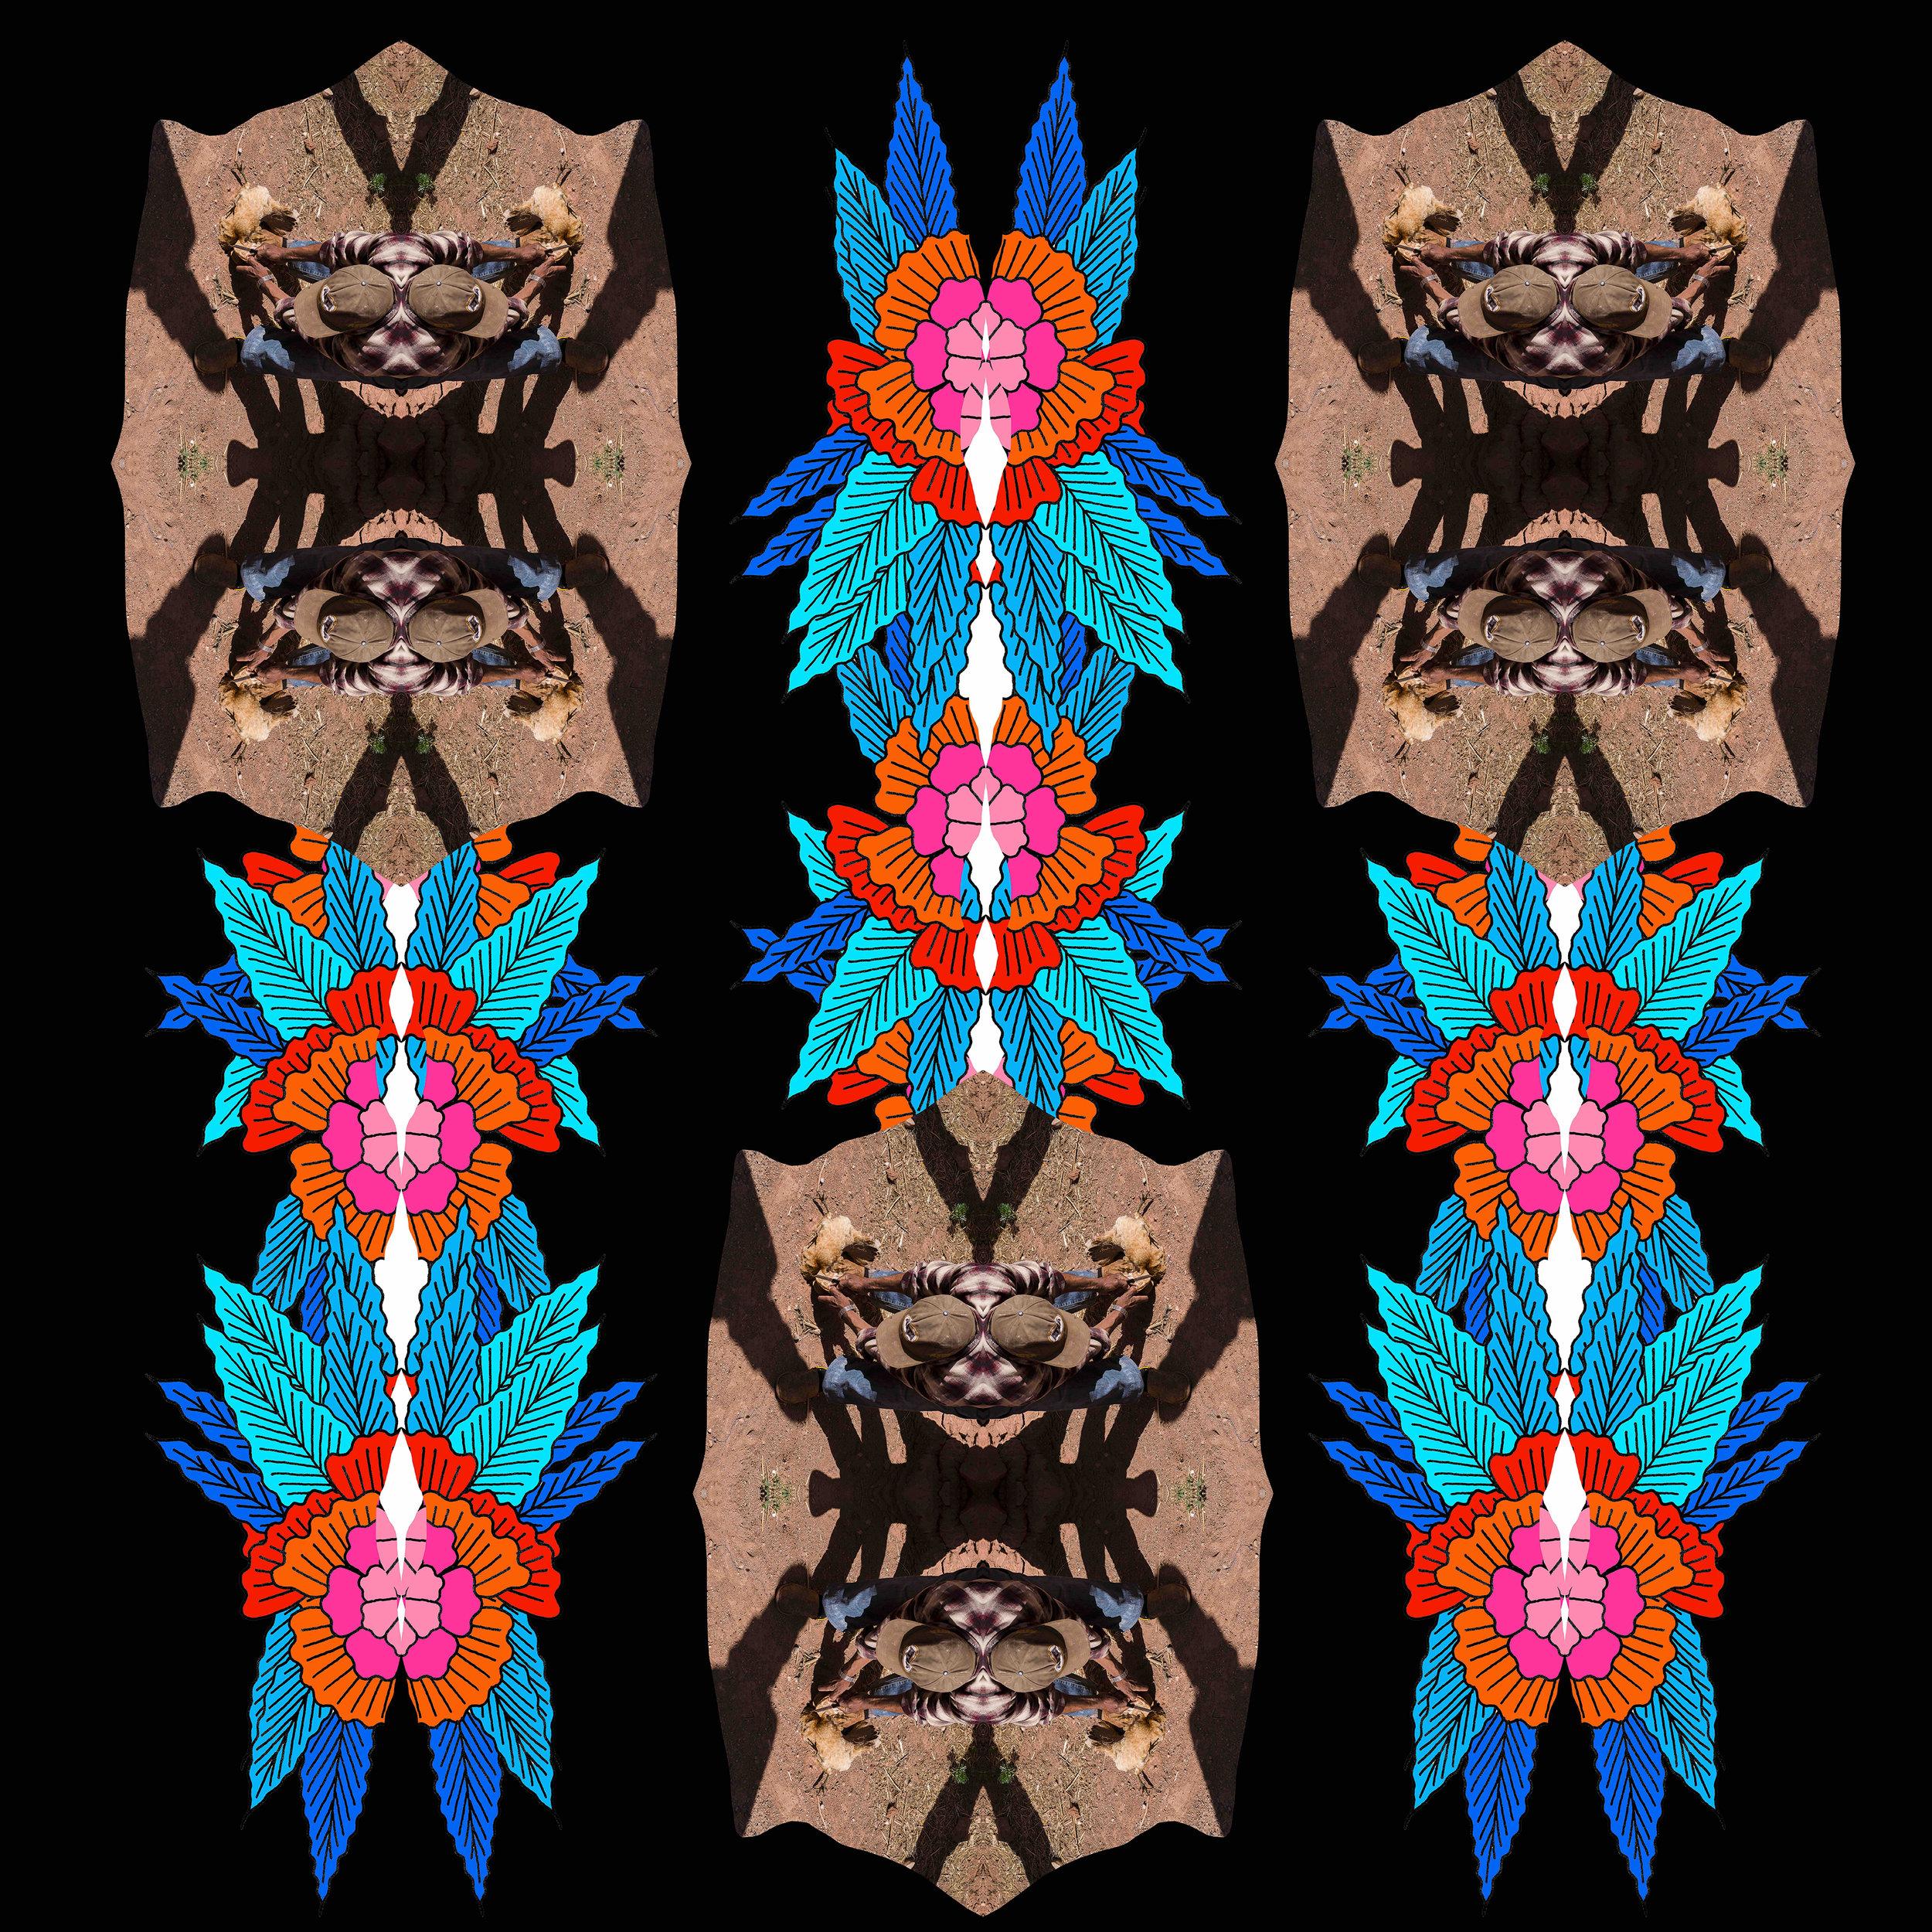 foulard3.jpg